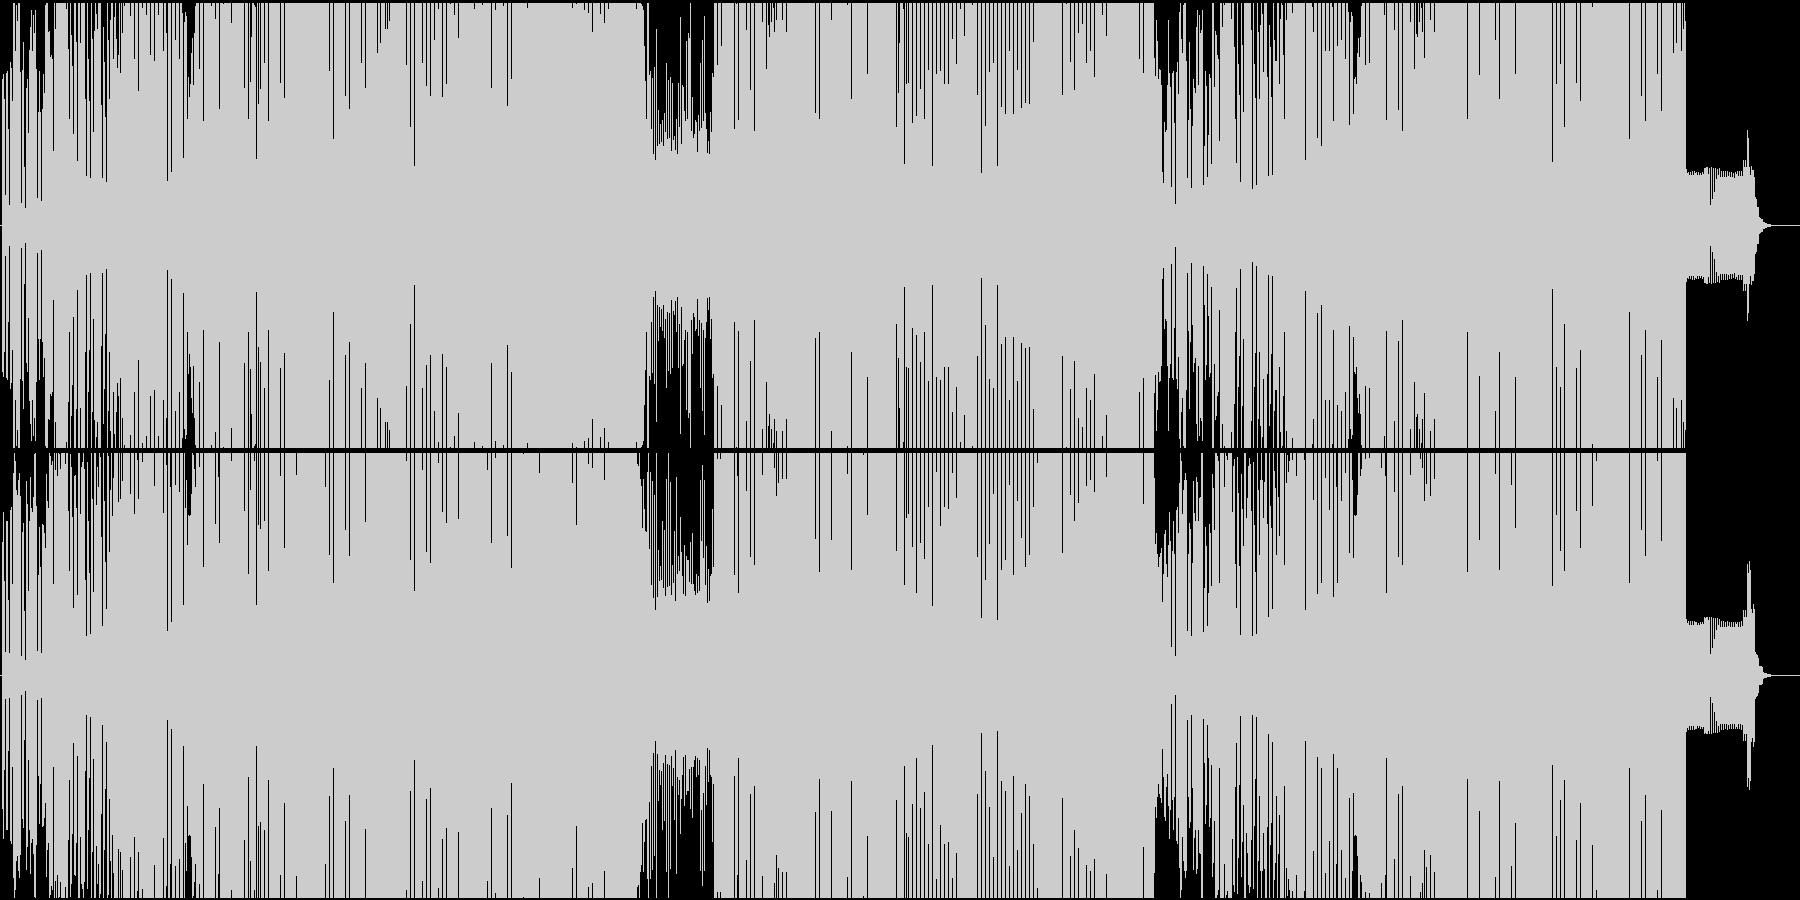 男性ボイスやラップが楽しいEDMの未再生の波形